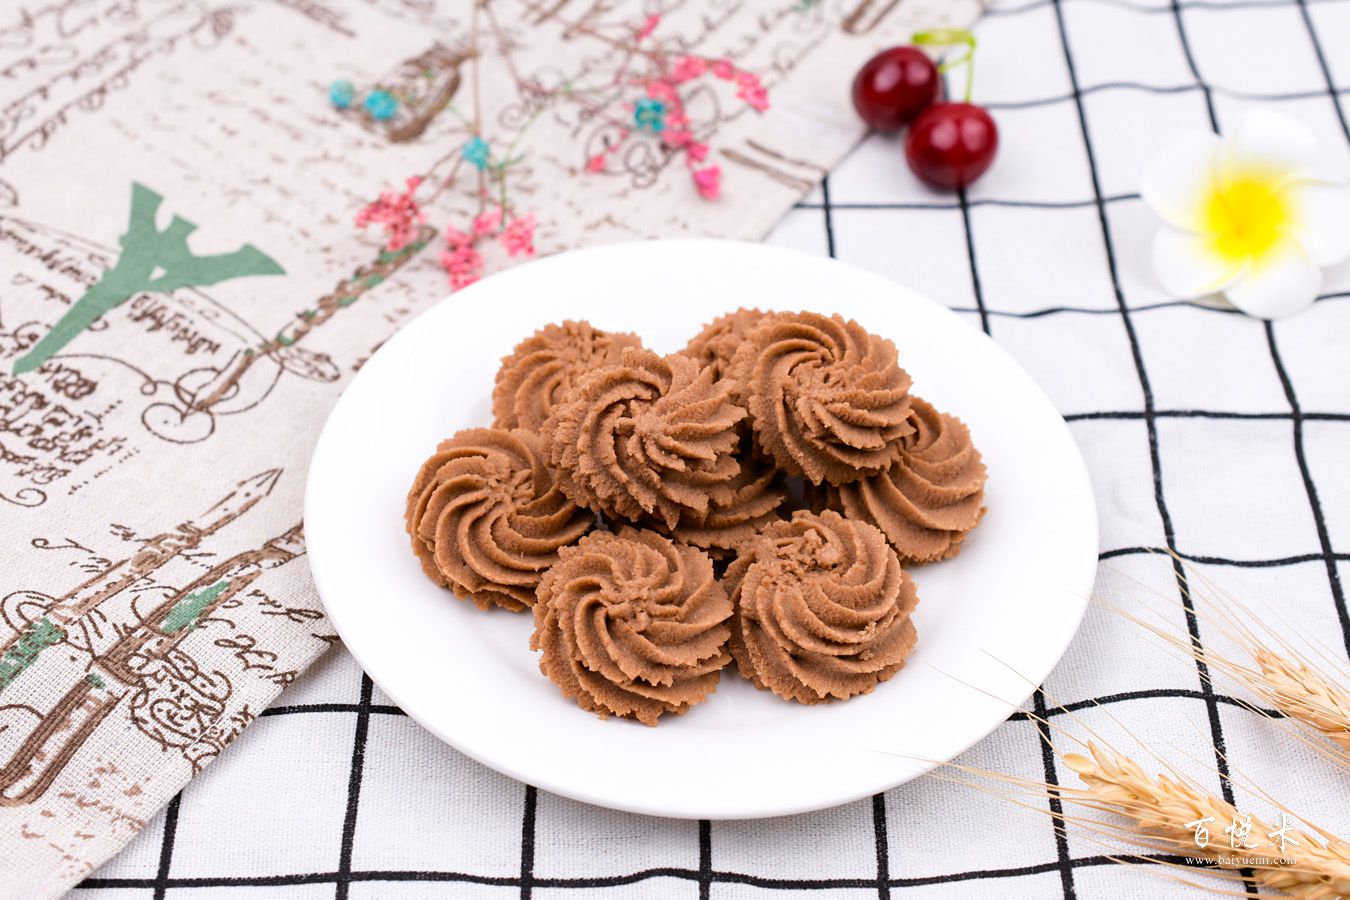 巧克力曲奇饼干的做法大全,曲奇饼干西点培训图文教程分享